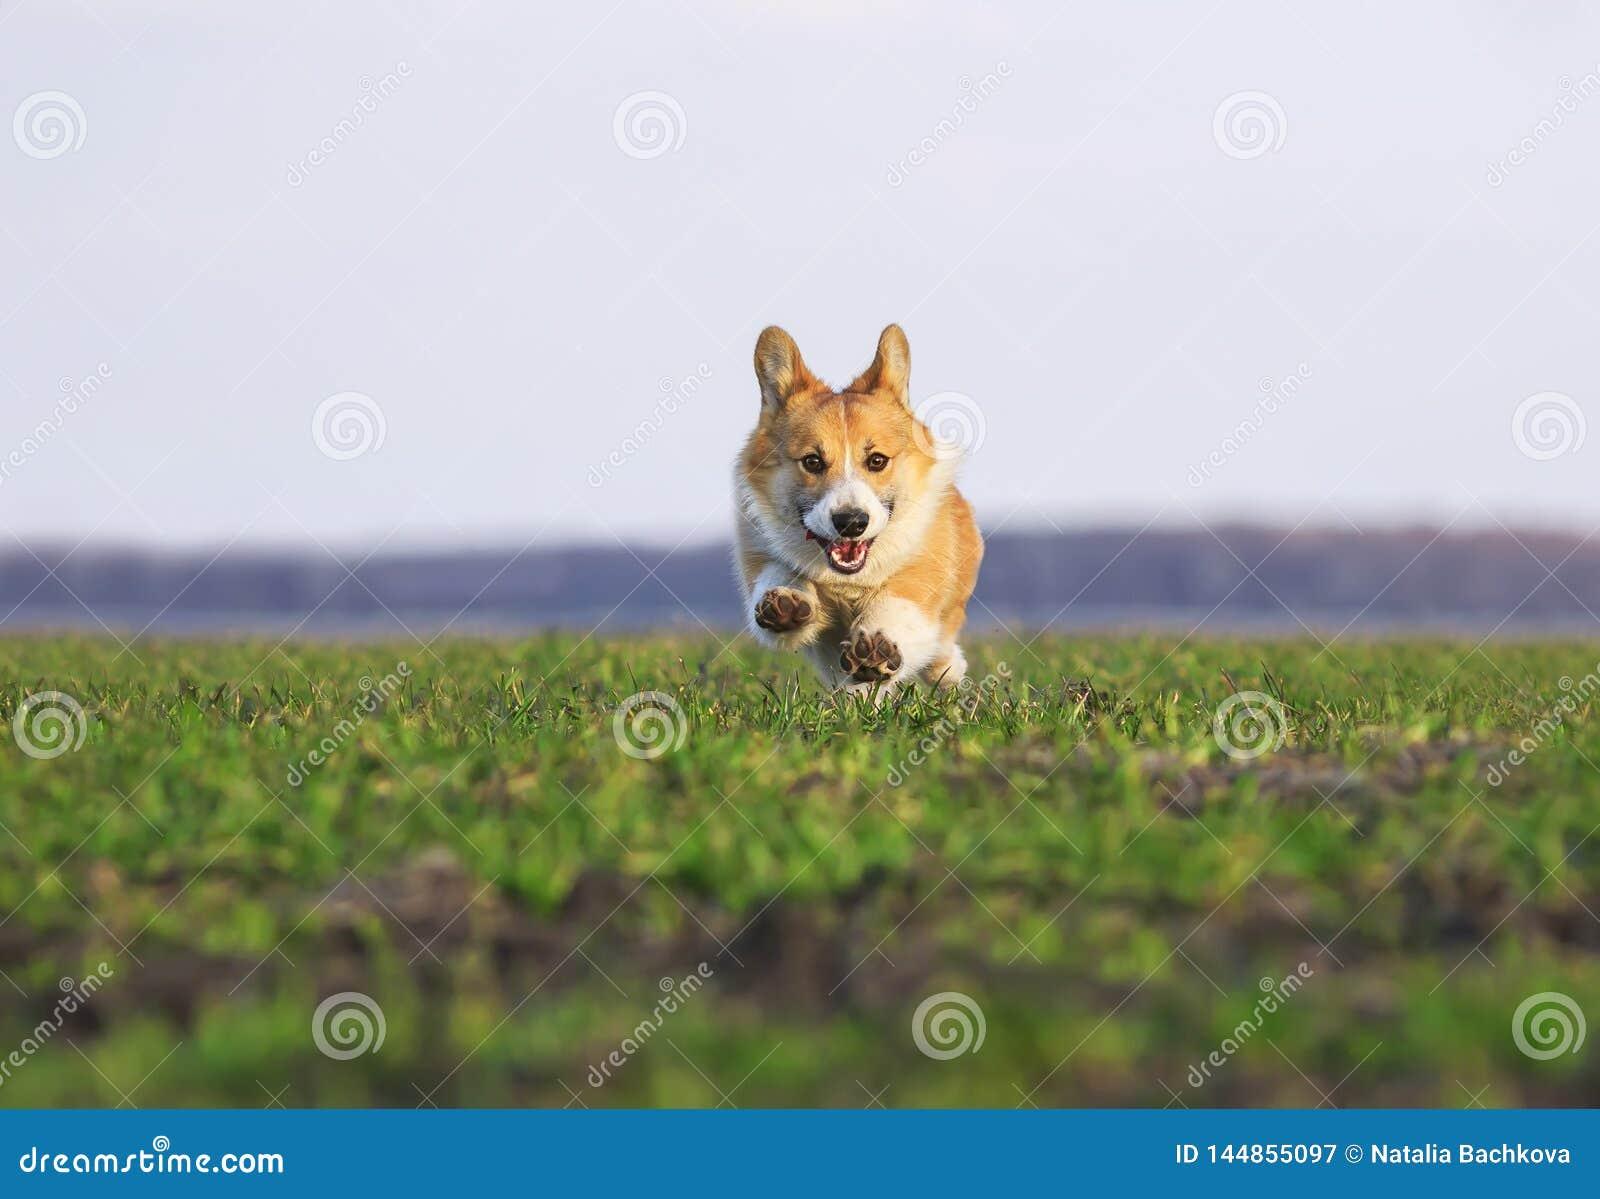 Il bello Corgi rosso del cucciolo del cane funziona velocemente su erba verde nel prato di primavera divertente attaccando fuori